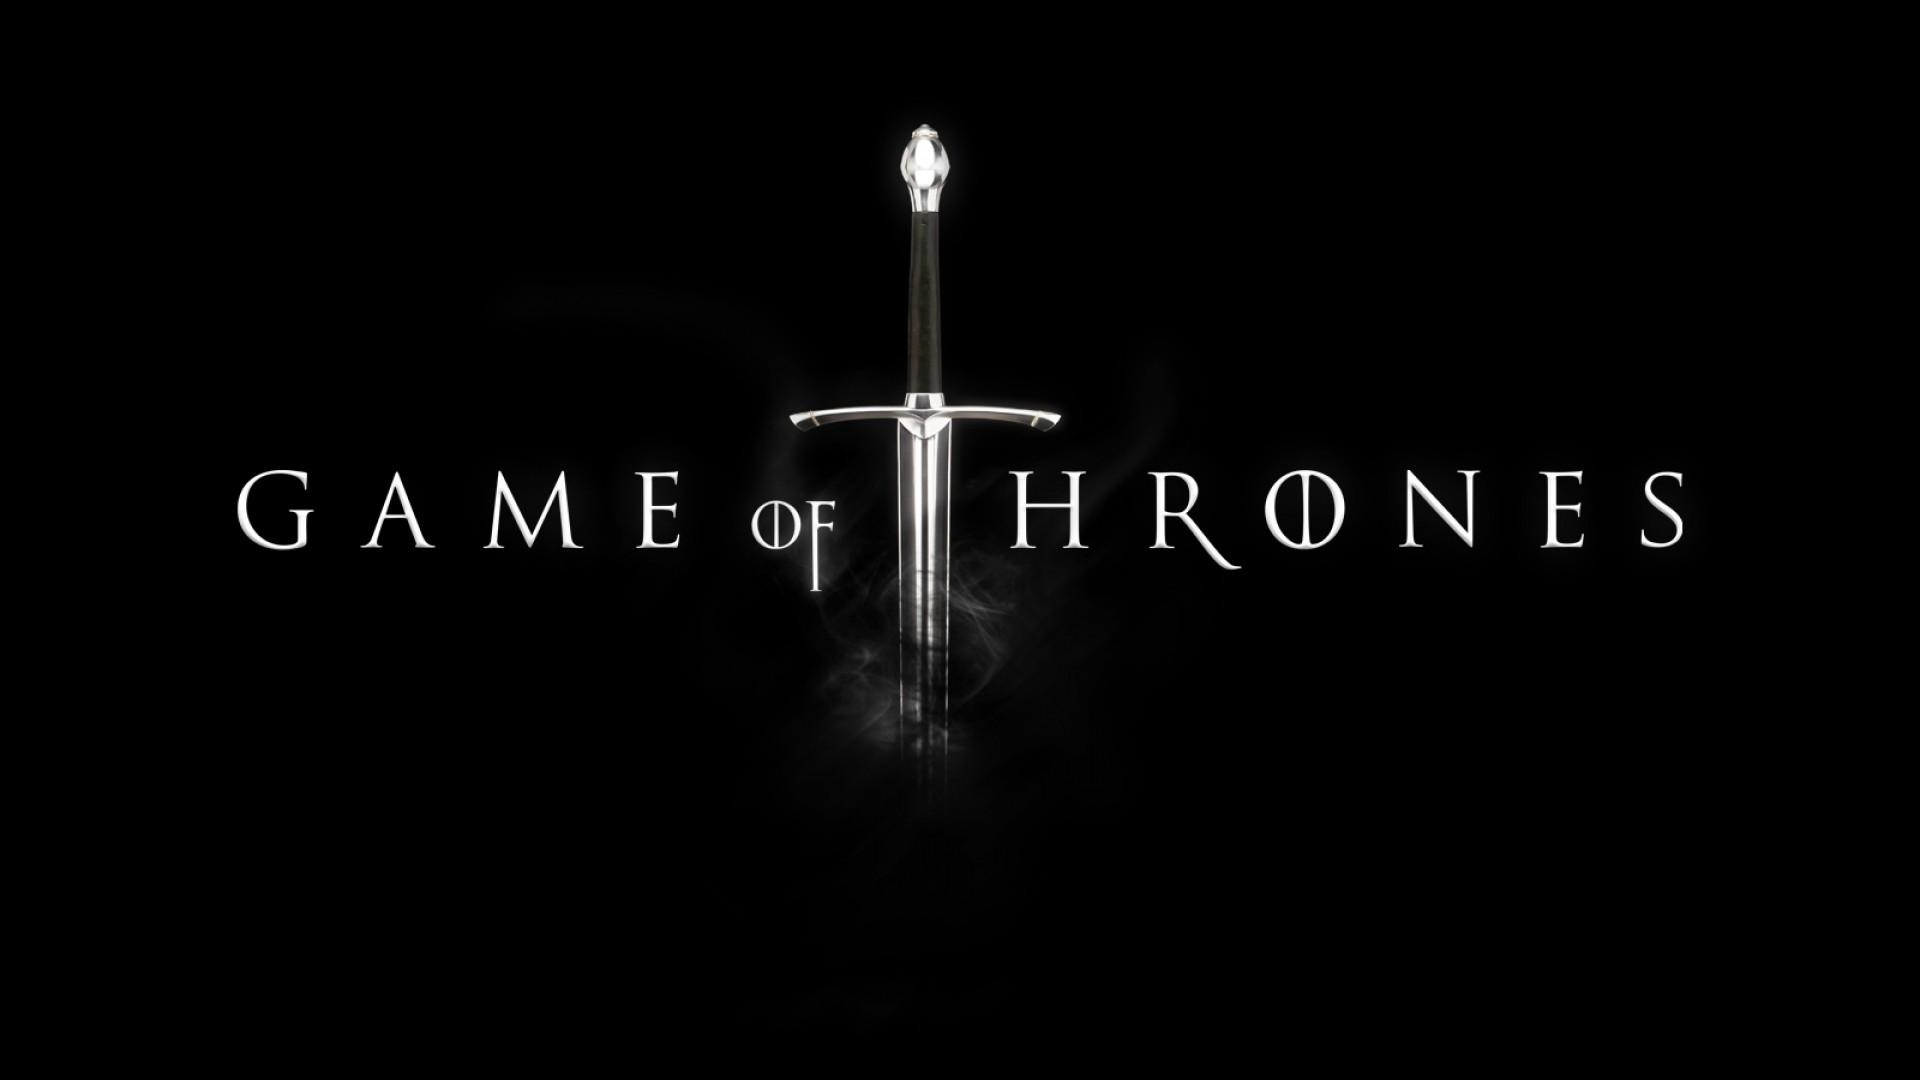 Locaciones impresionantes que han utilizado en Game Of Thrones